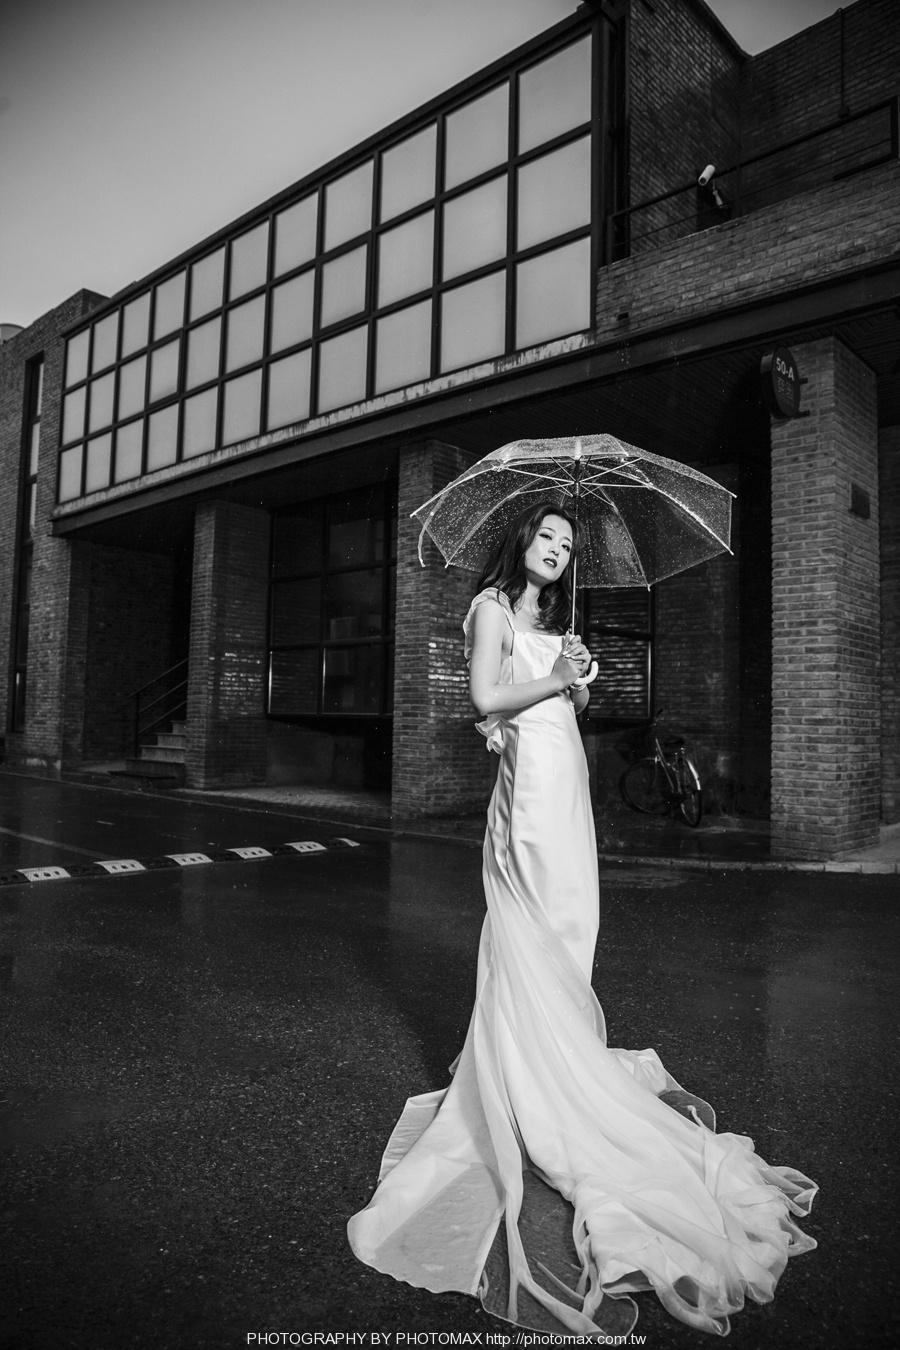 刘喆 PHOTOMAX 老麦摄影 绕着世界拍爱情 婚纱摄影 (2)